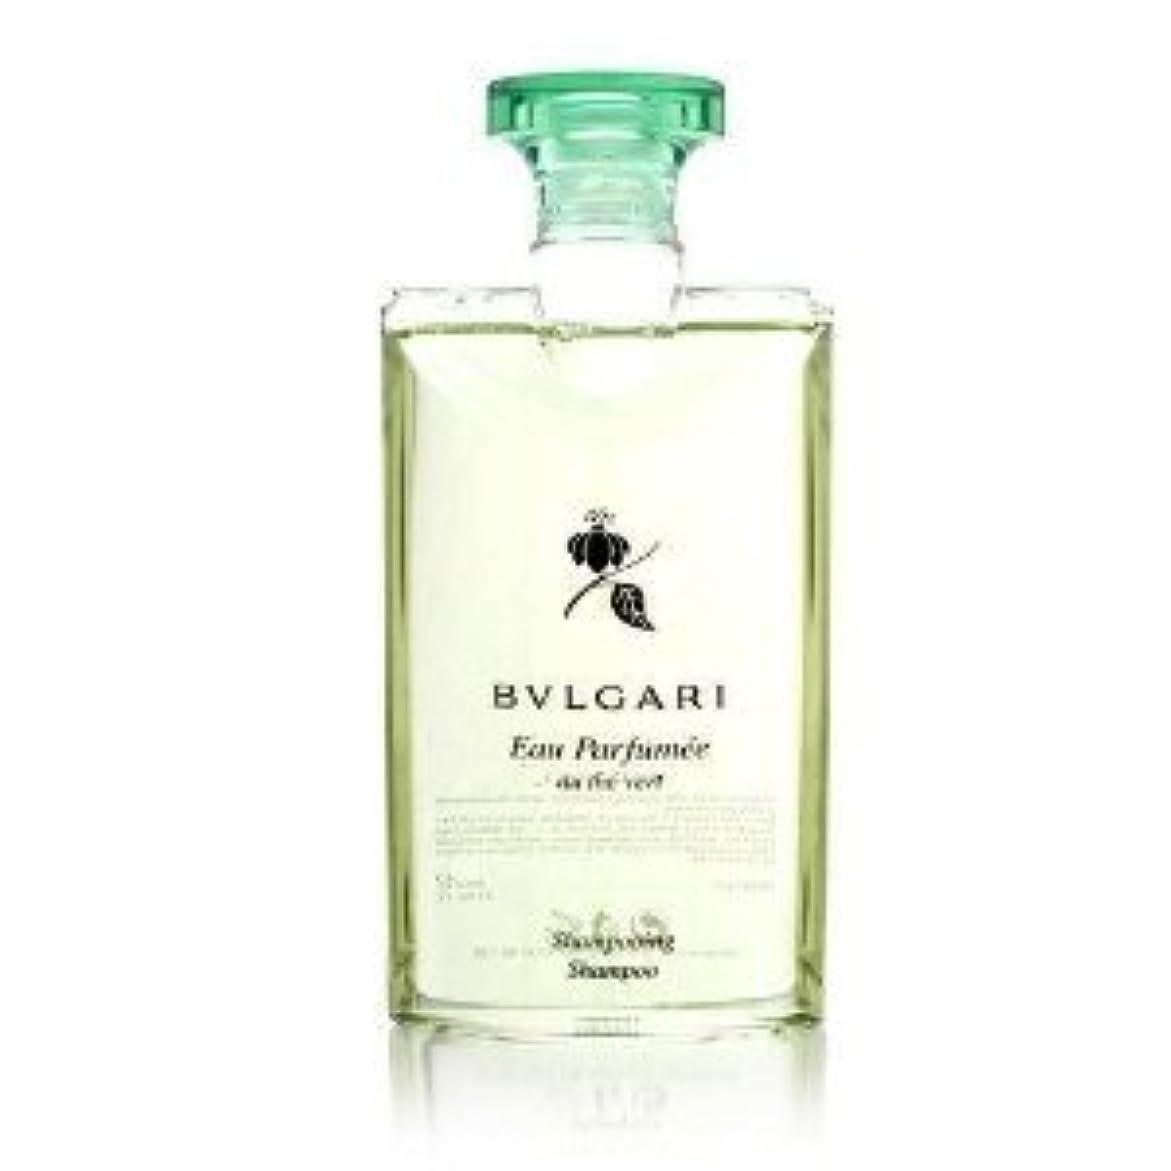 谷修士号自治Bvlgari Eau Parfumee au the vert (ブルガリ オー パフュ-メ オウ ザ バート / グリーン ティー) 2.5 oz (75ml) シャンプー